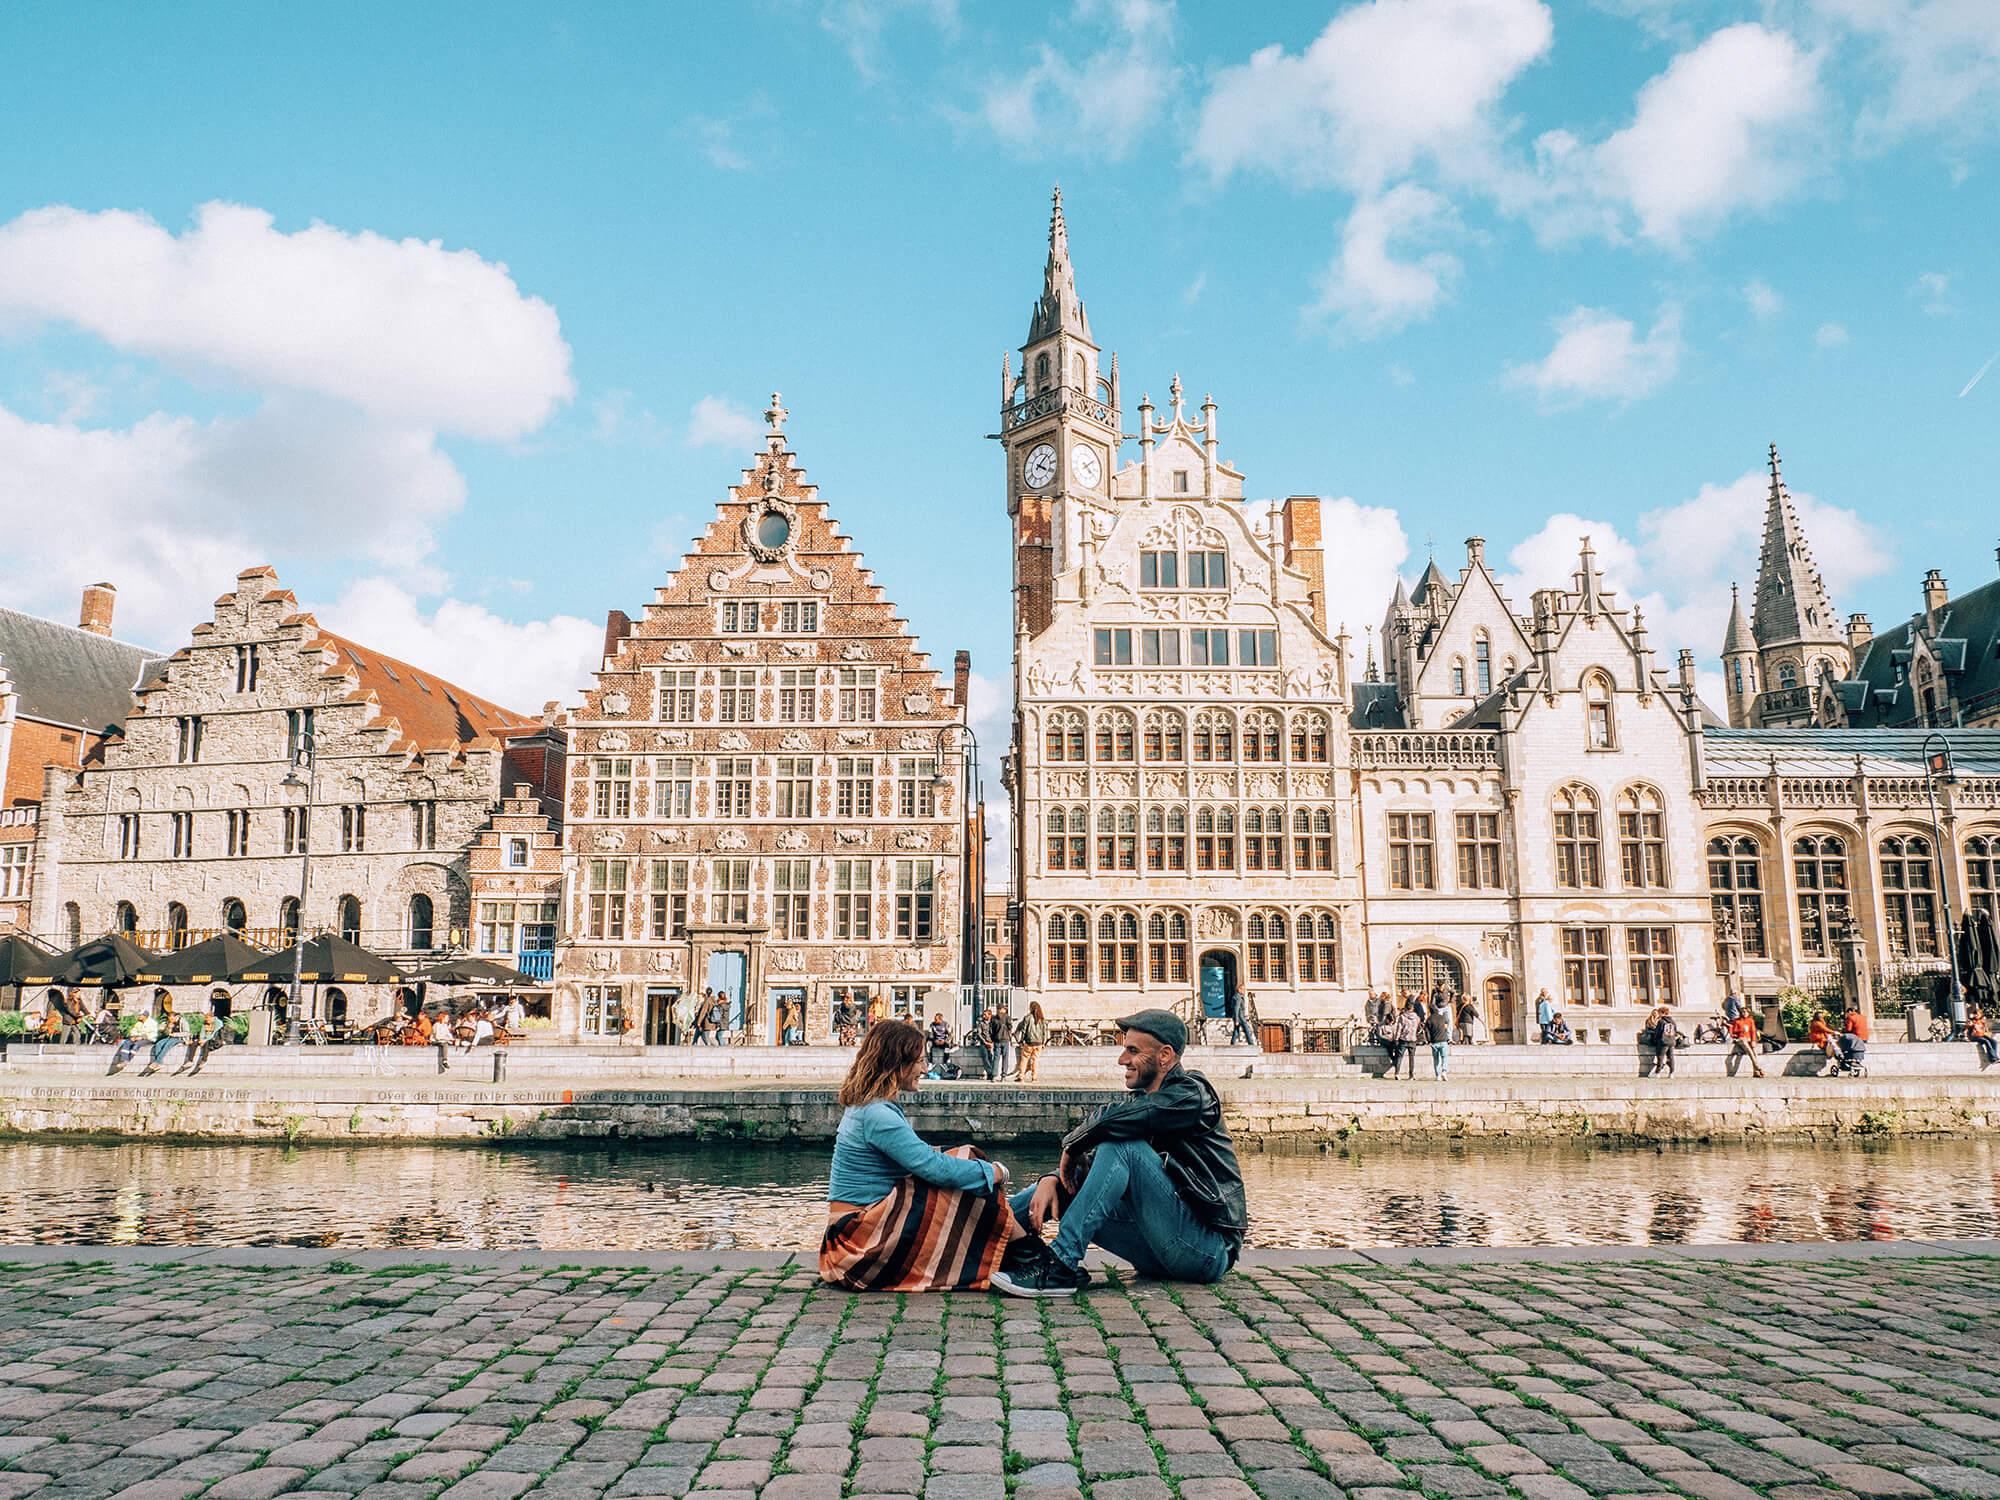 posti instagrammabili d'Europa - viaggiare in coppia